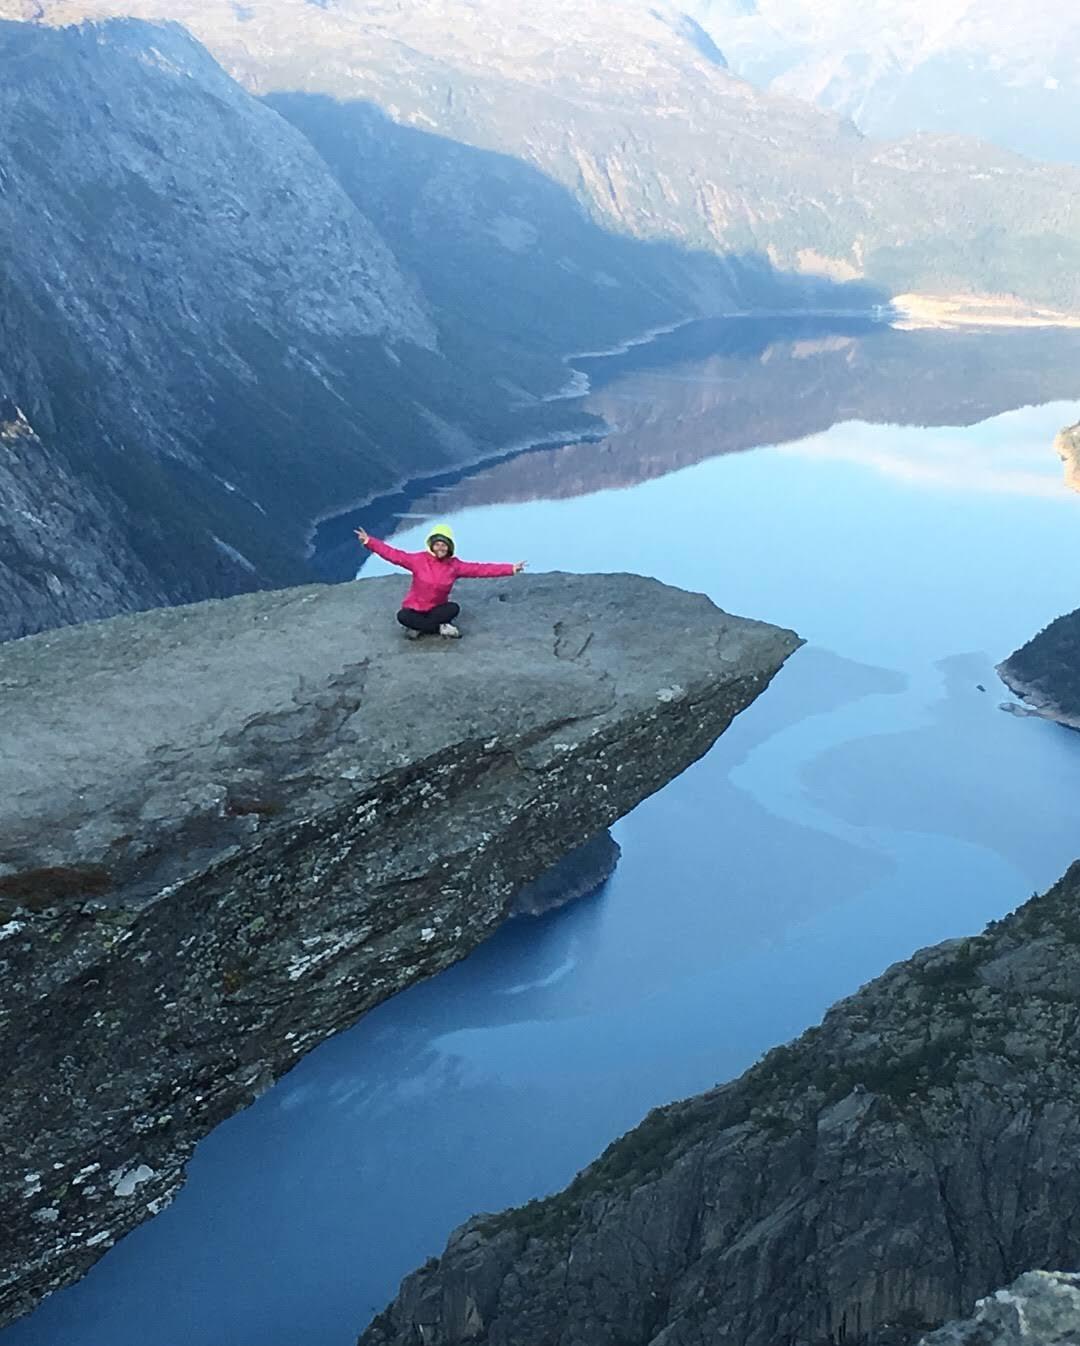 Immagine che contiene montagna, esterni, natura, acqua  Descrizione generata automaticamente